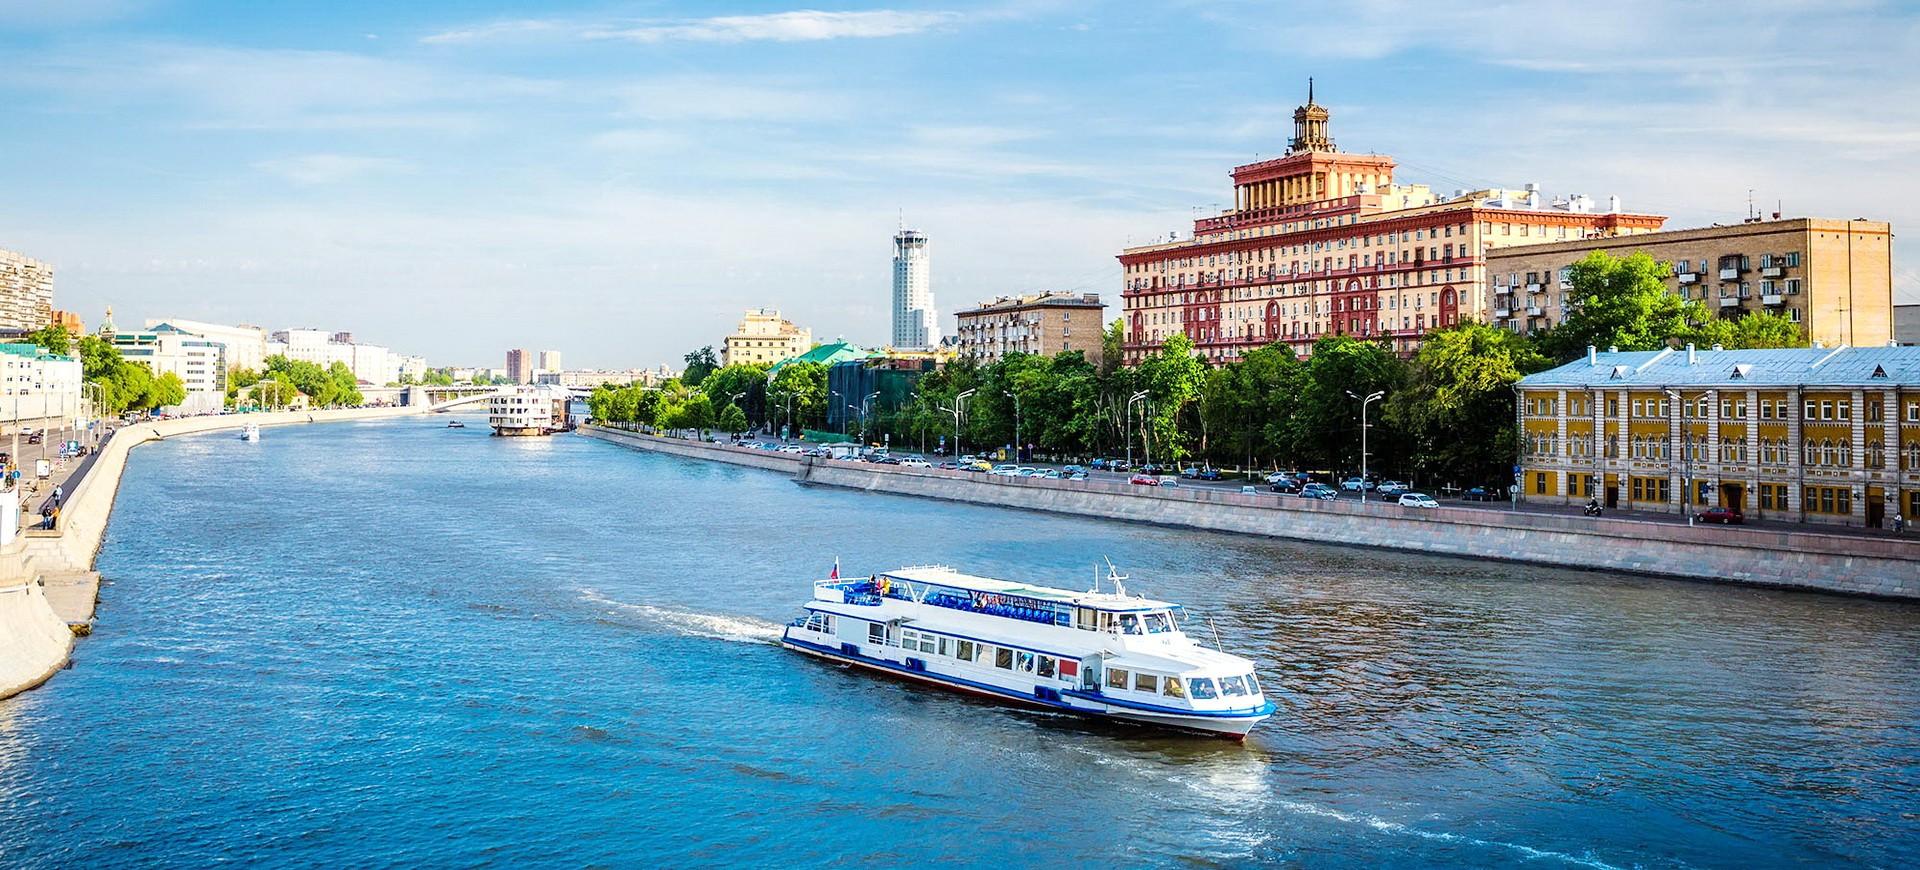 Russie Moscou croisire sur la Moskova